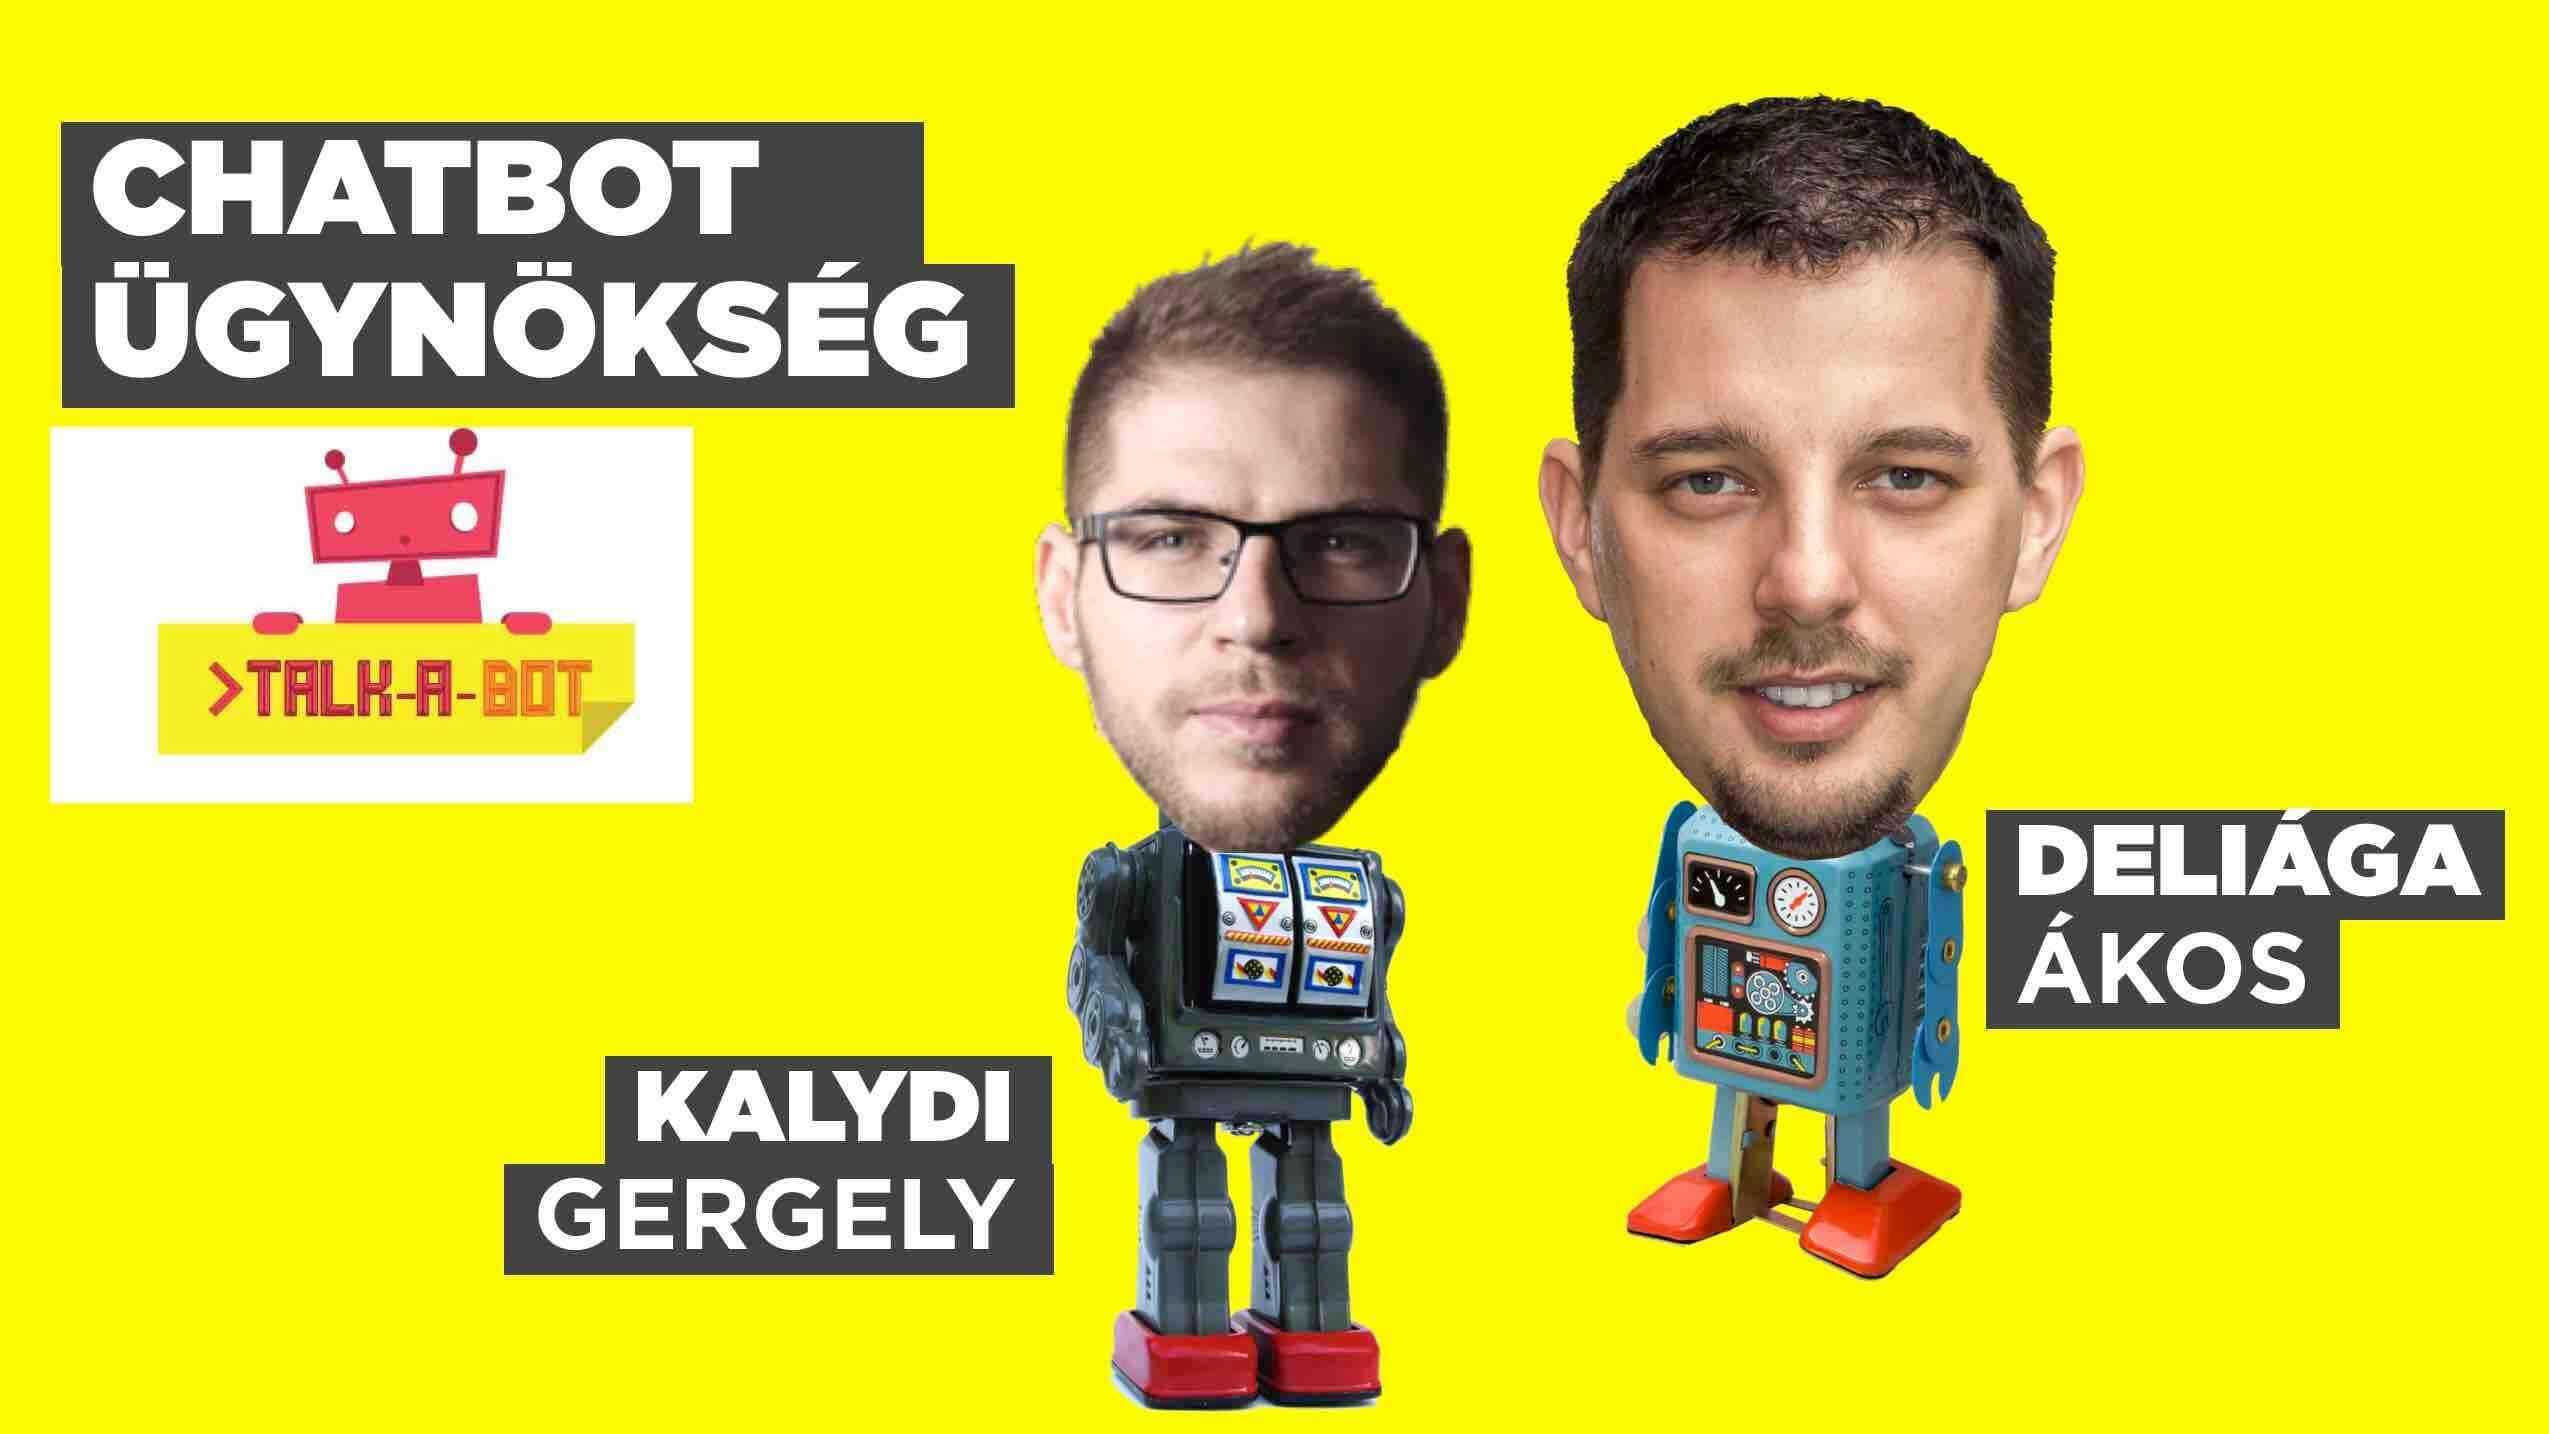 talk-a-bot